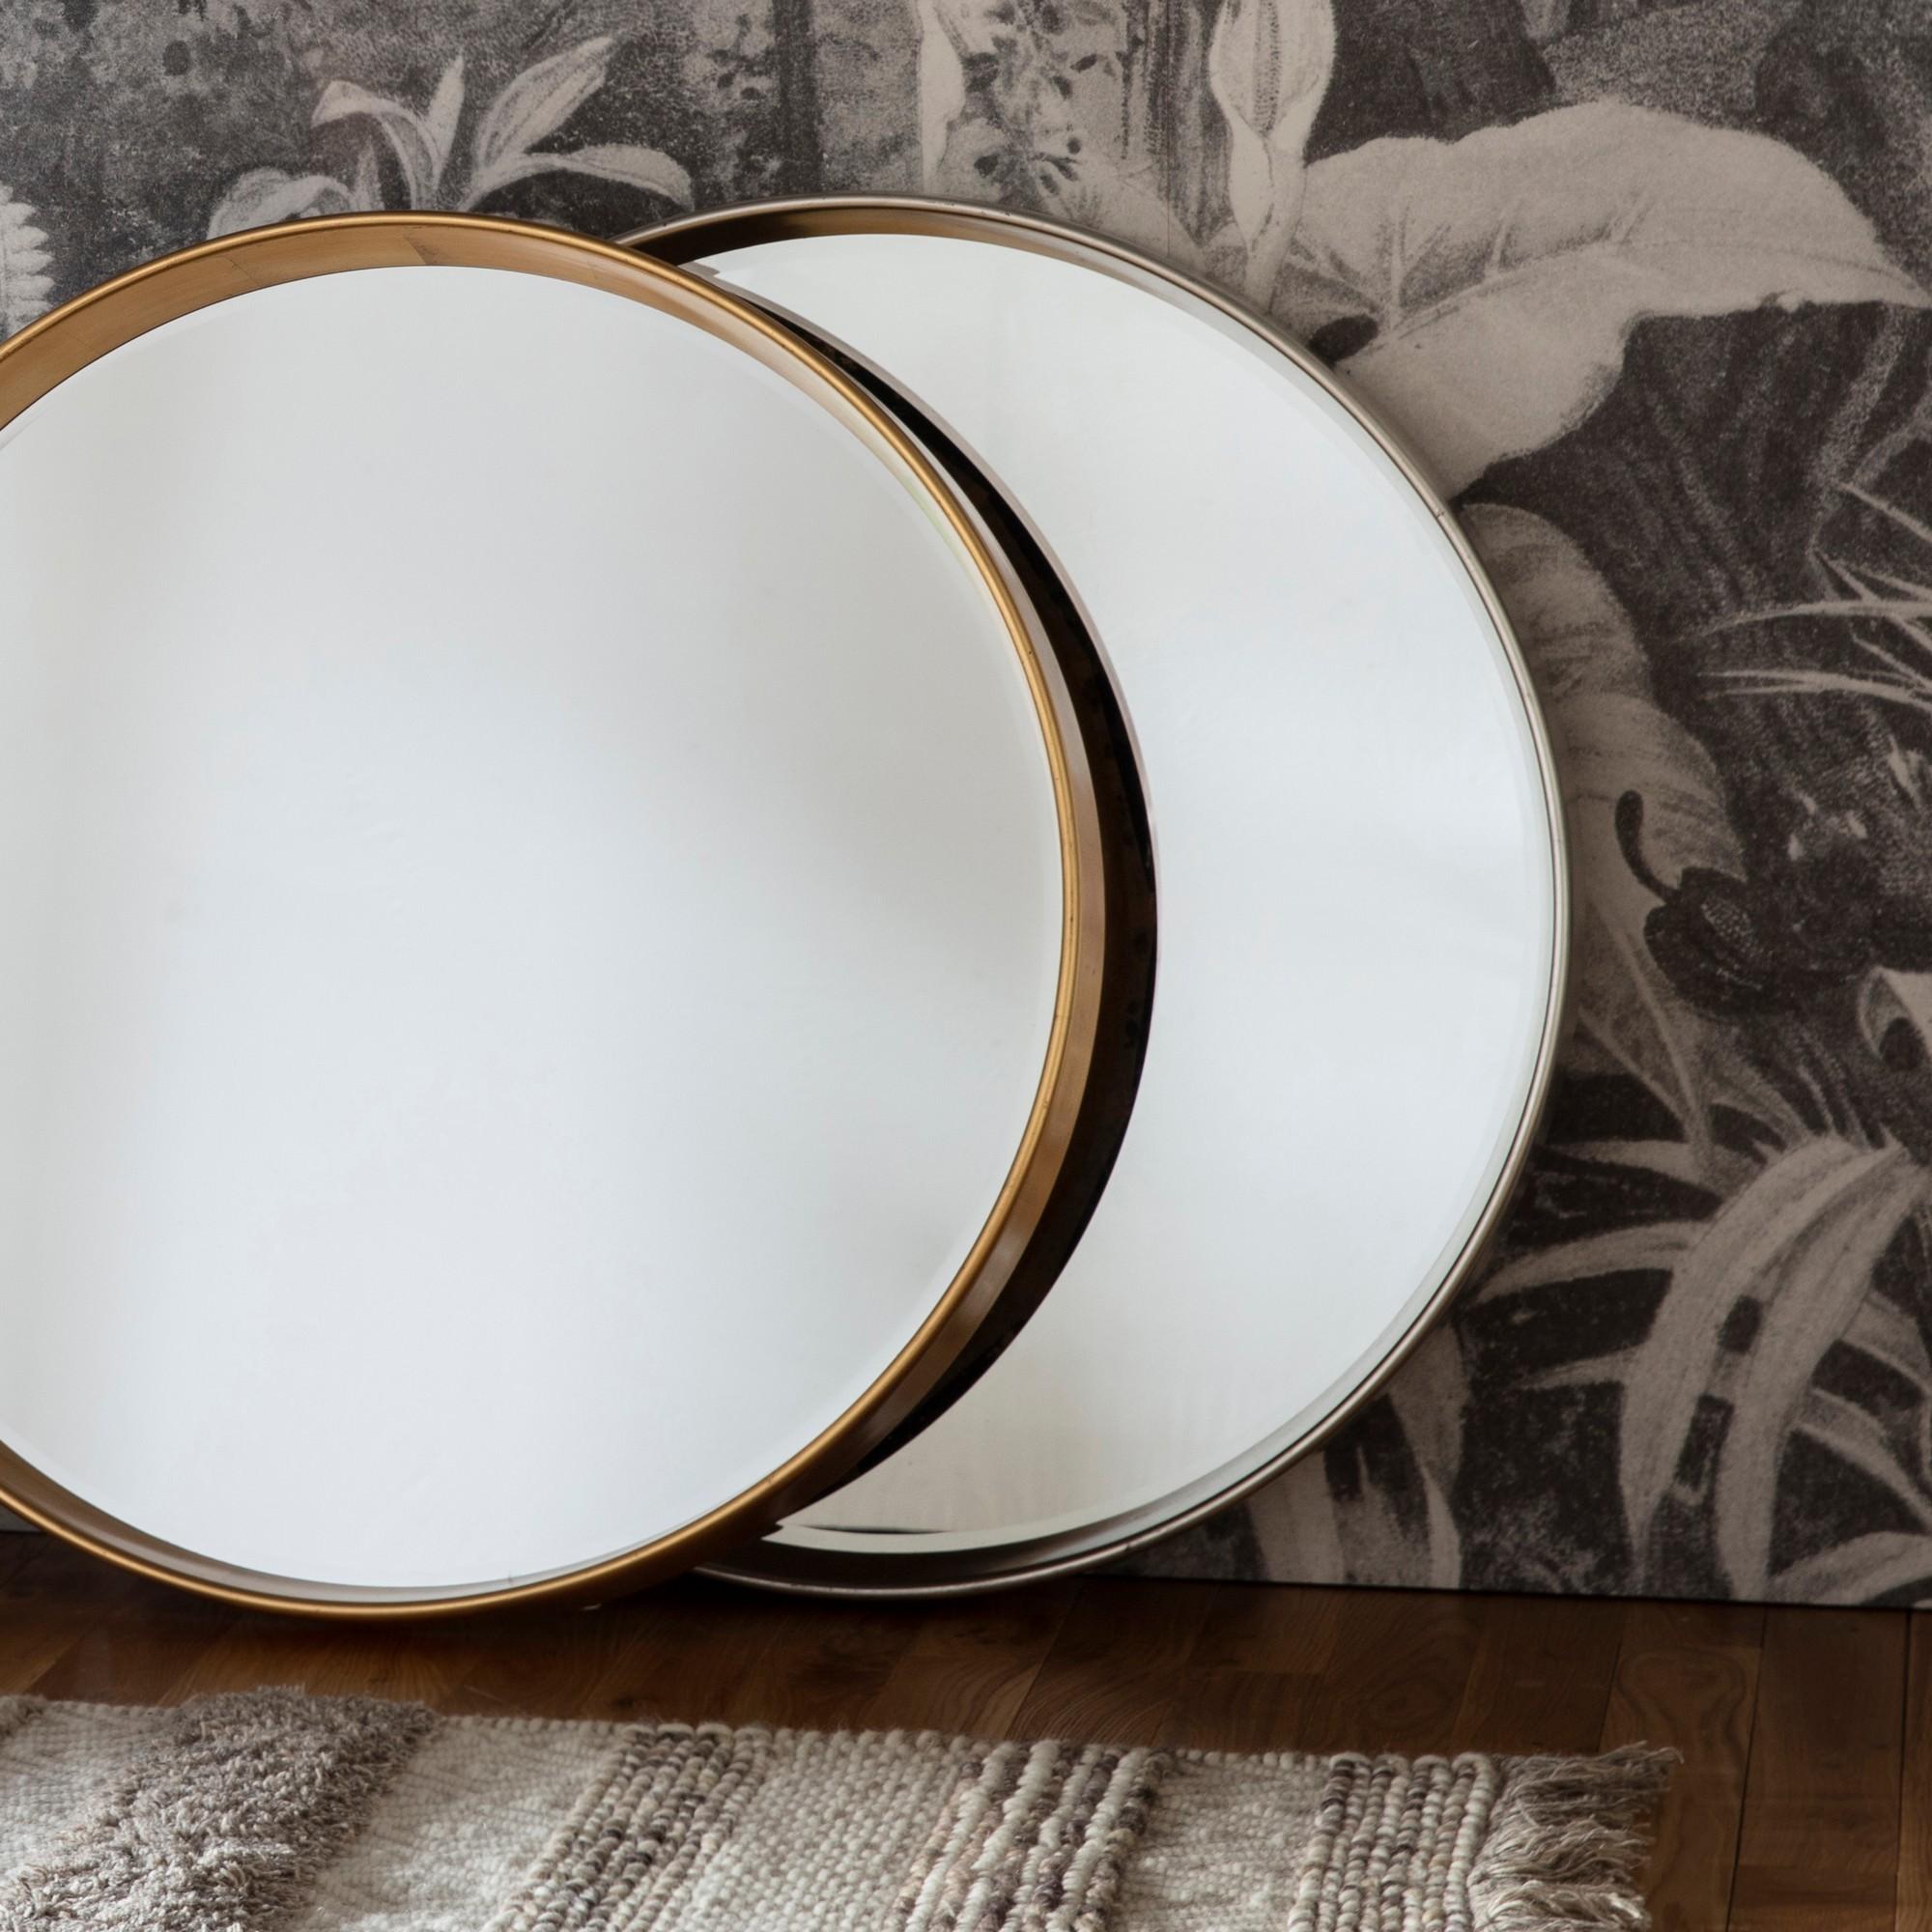 Haise Round Wall Mirror, 95cm, Silver